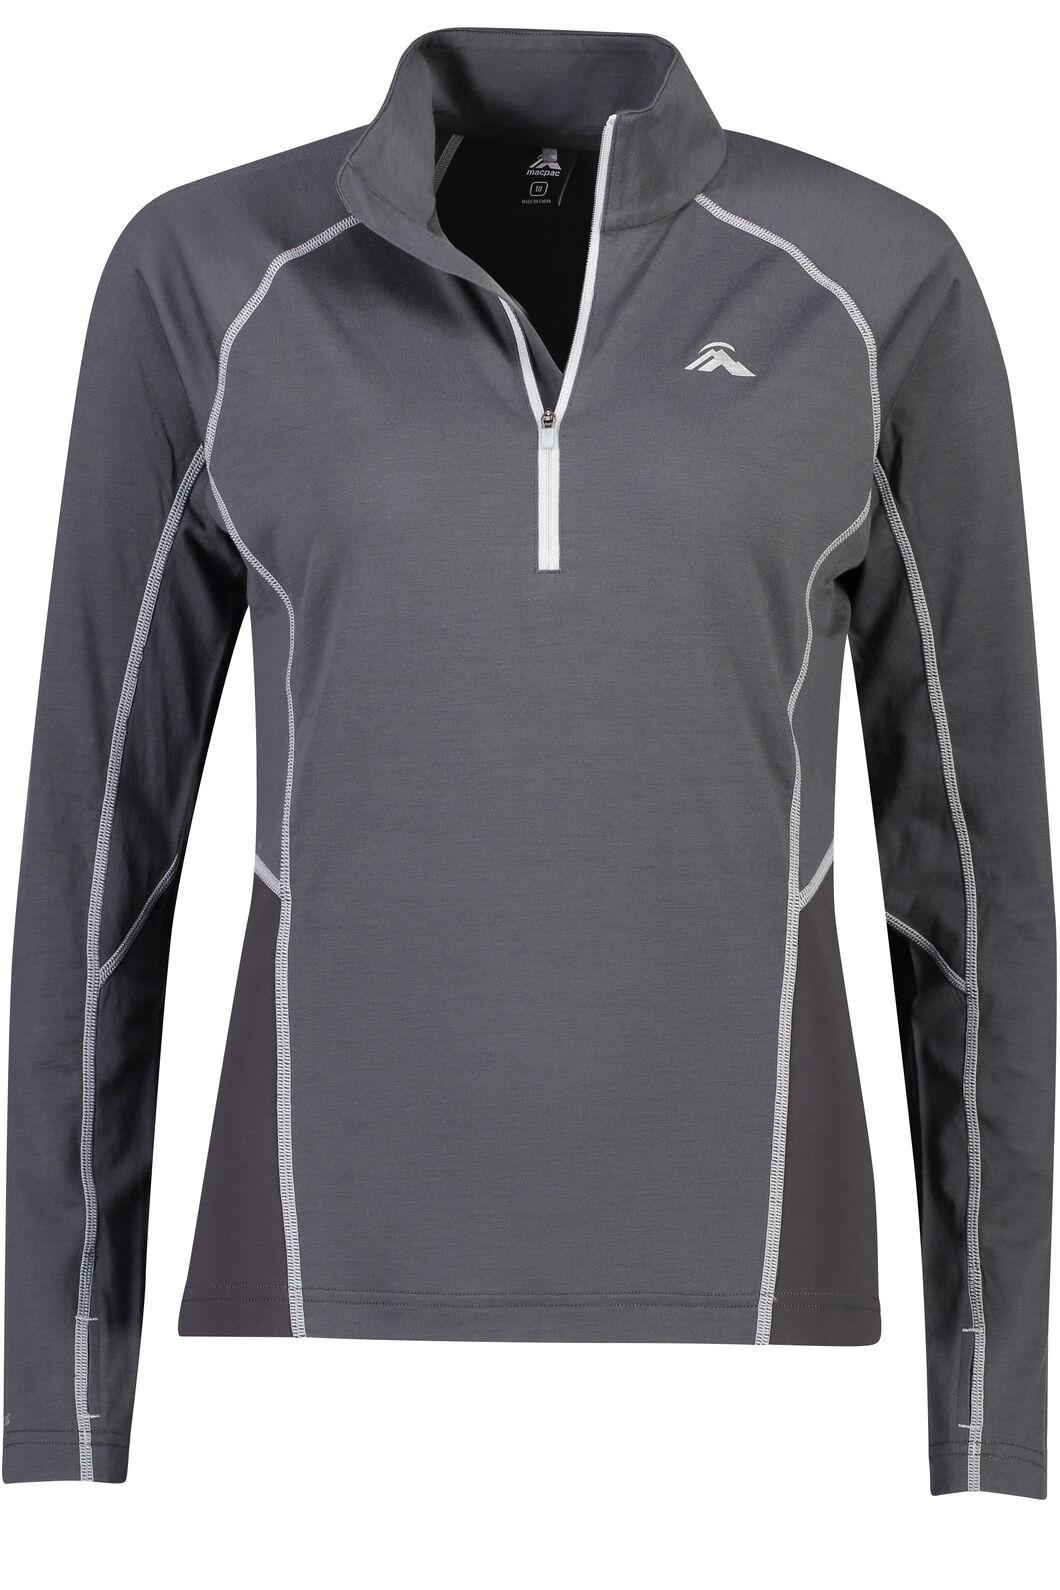 Casswell Long Sleeve Shirt - Women's, Asphalt, hi-res